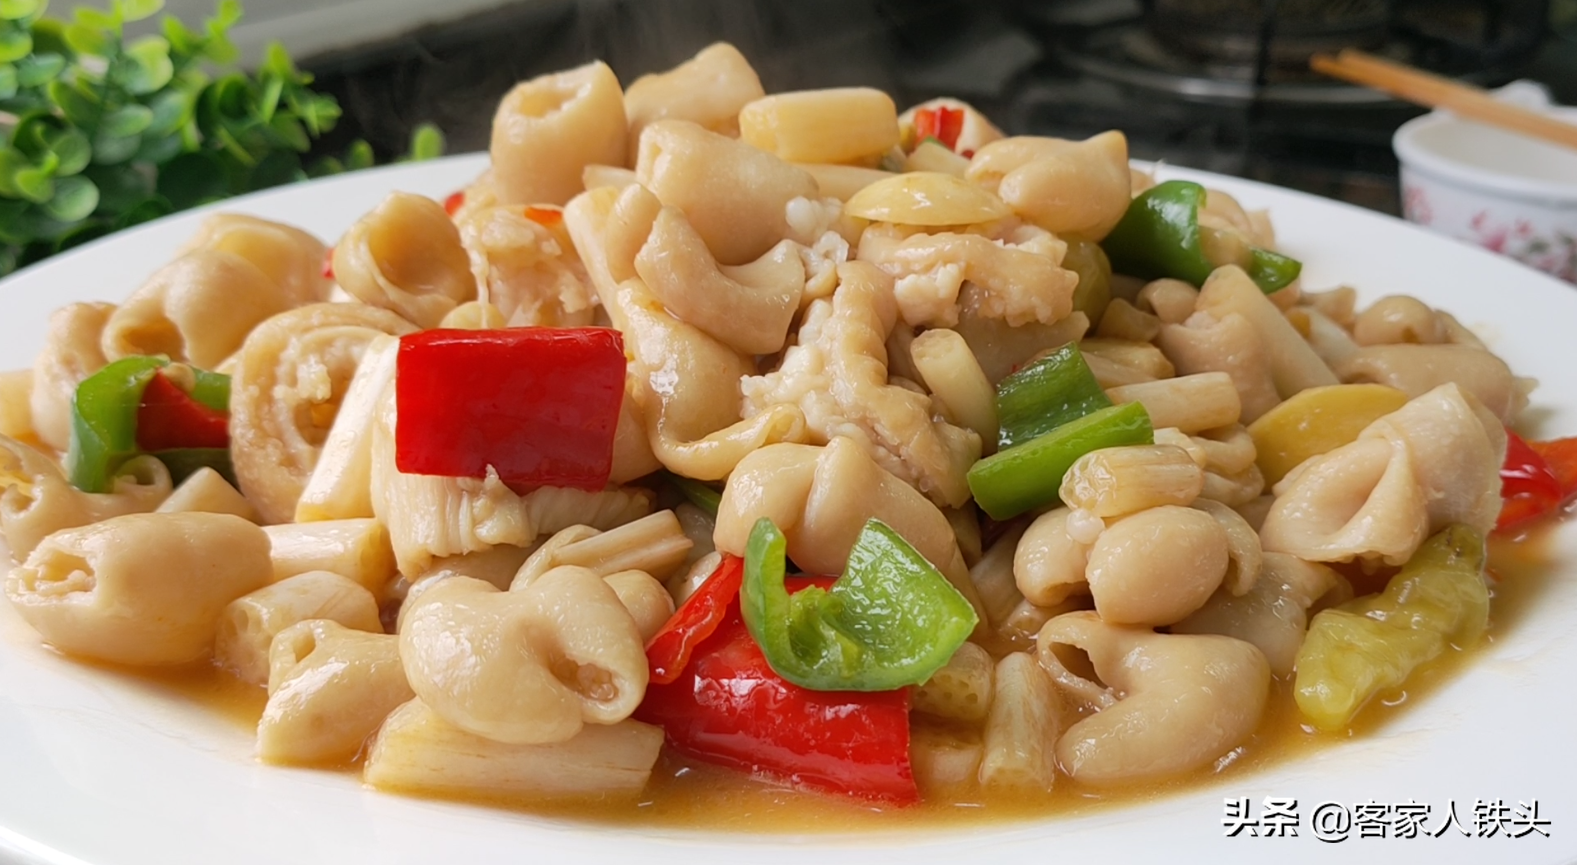 廣東人做肥腸確實好吃,掌握好3步,爽口不韌,孩子也越吃越愛吃